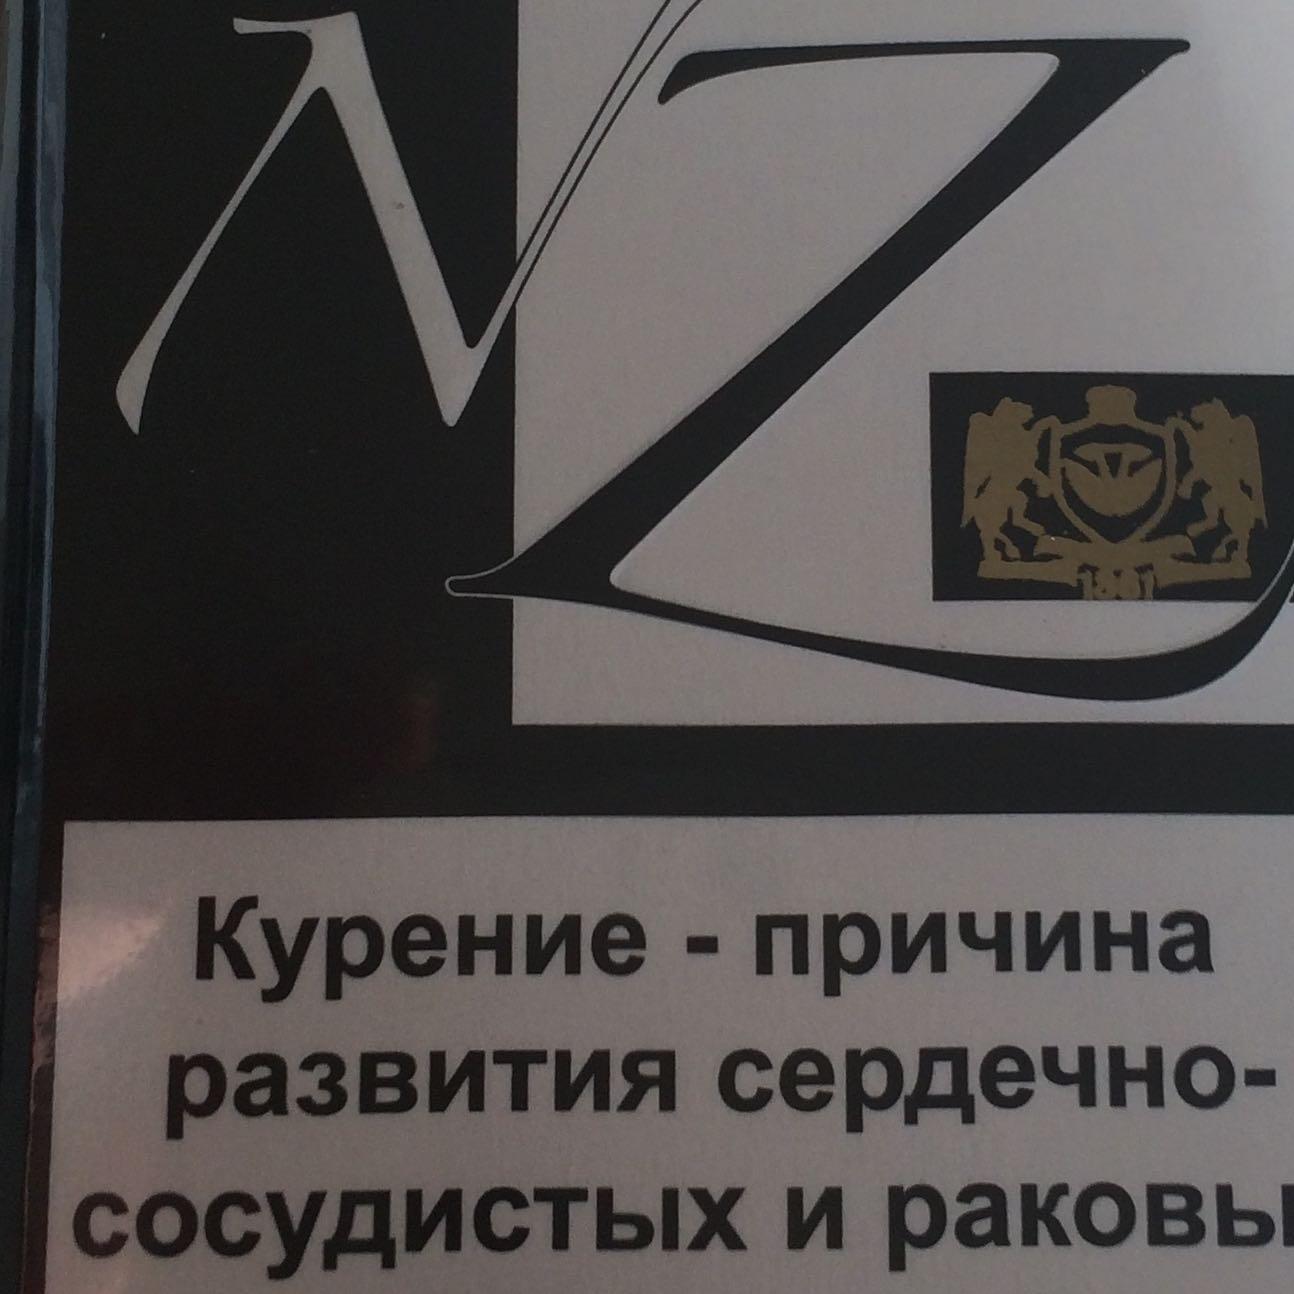 wie teuer sind diese zigaretten in russland preis. Black Bedroom Furniture Sets. Home Design Ideas